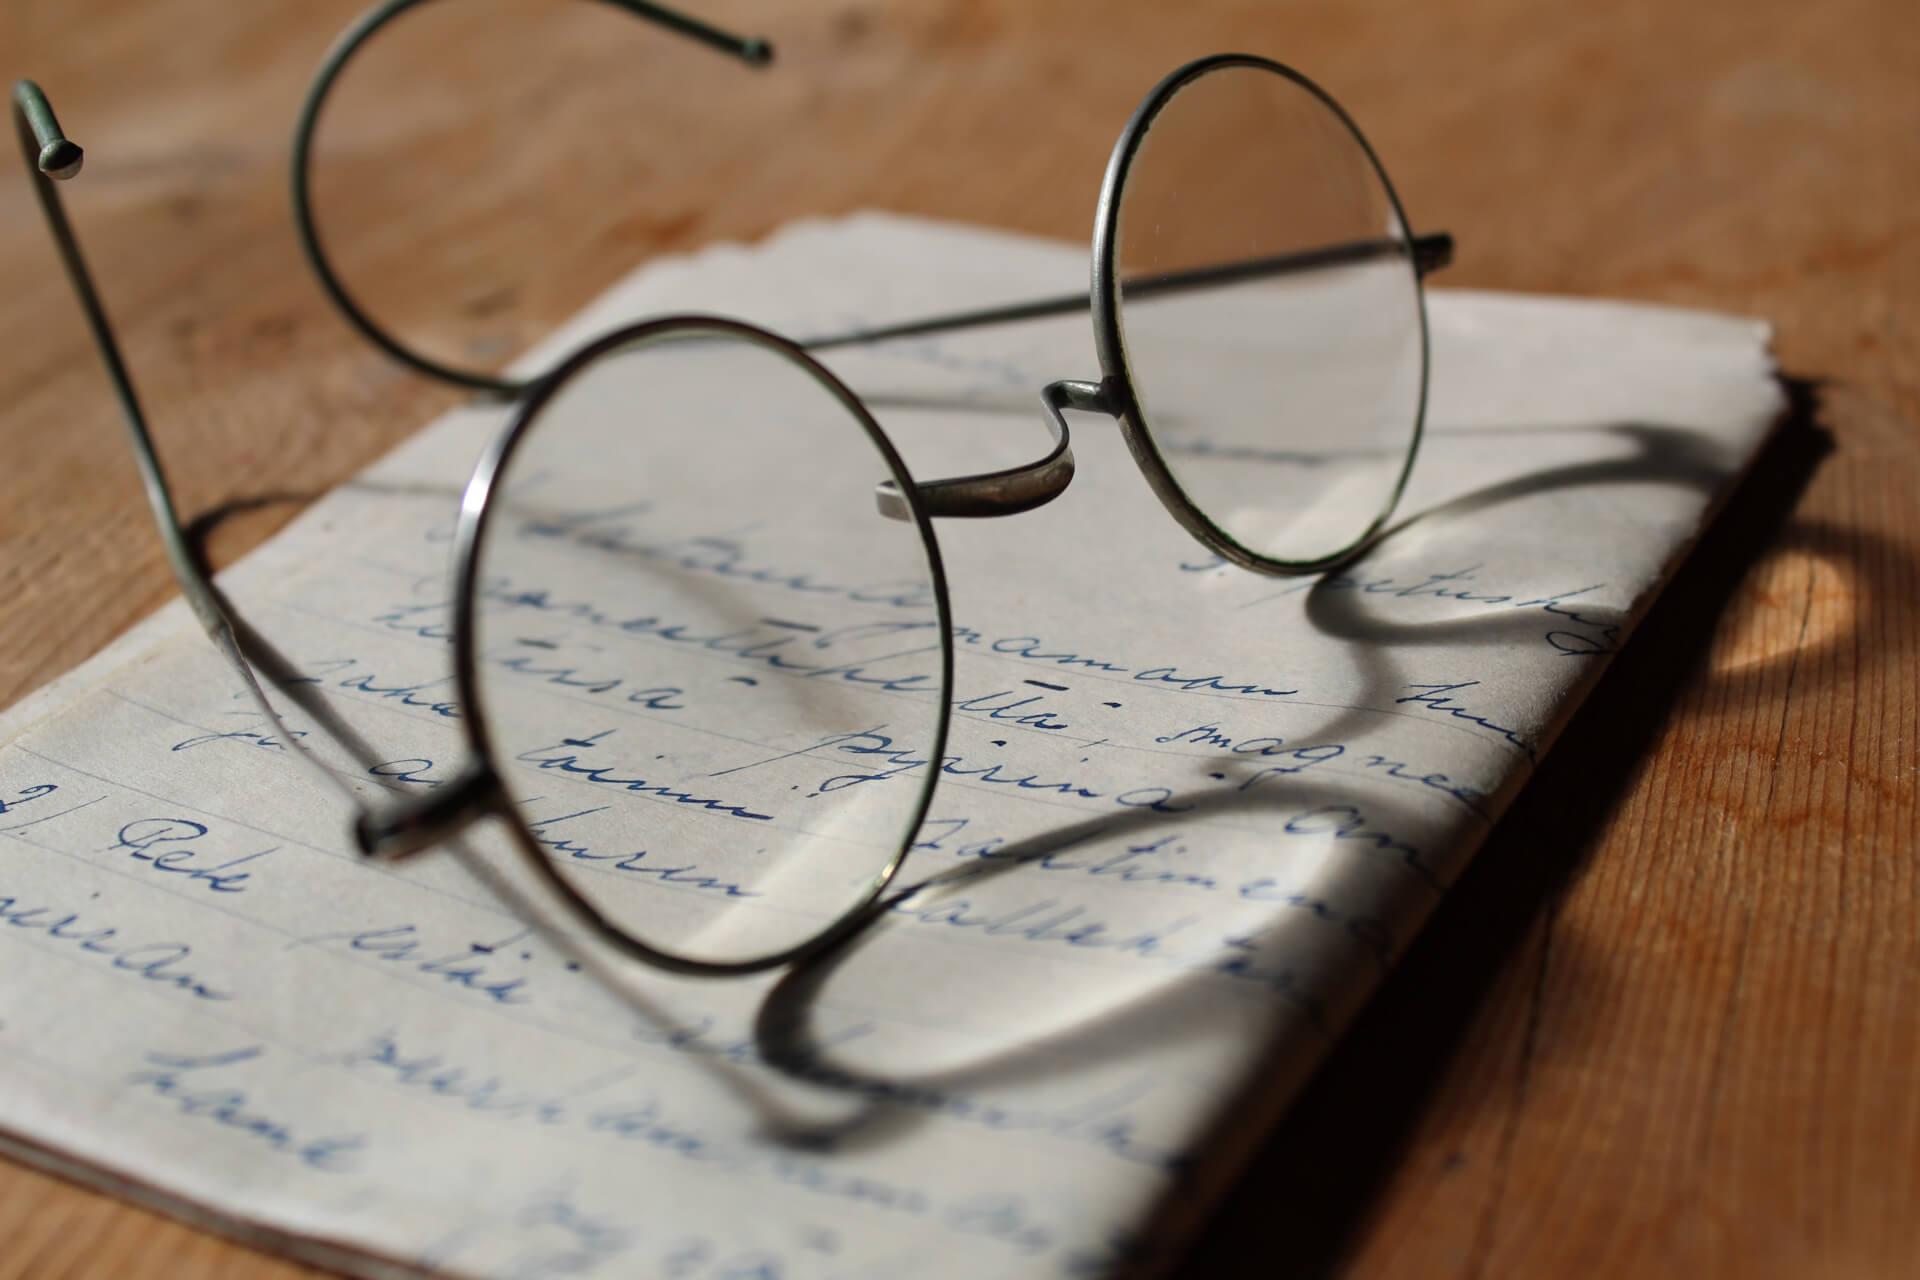 Розрядити техніку, а не очі: як уберегти зір у період карантину